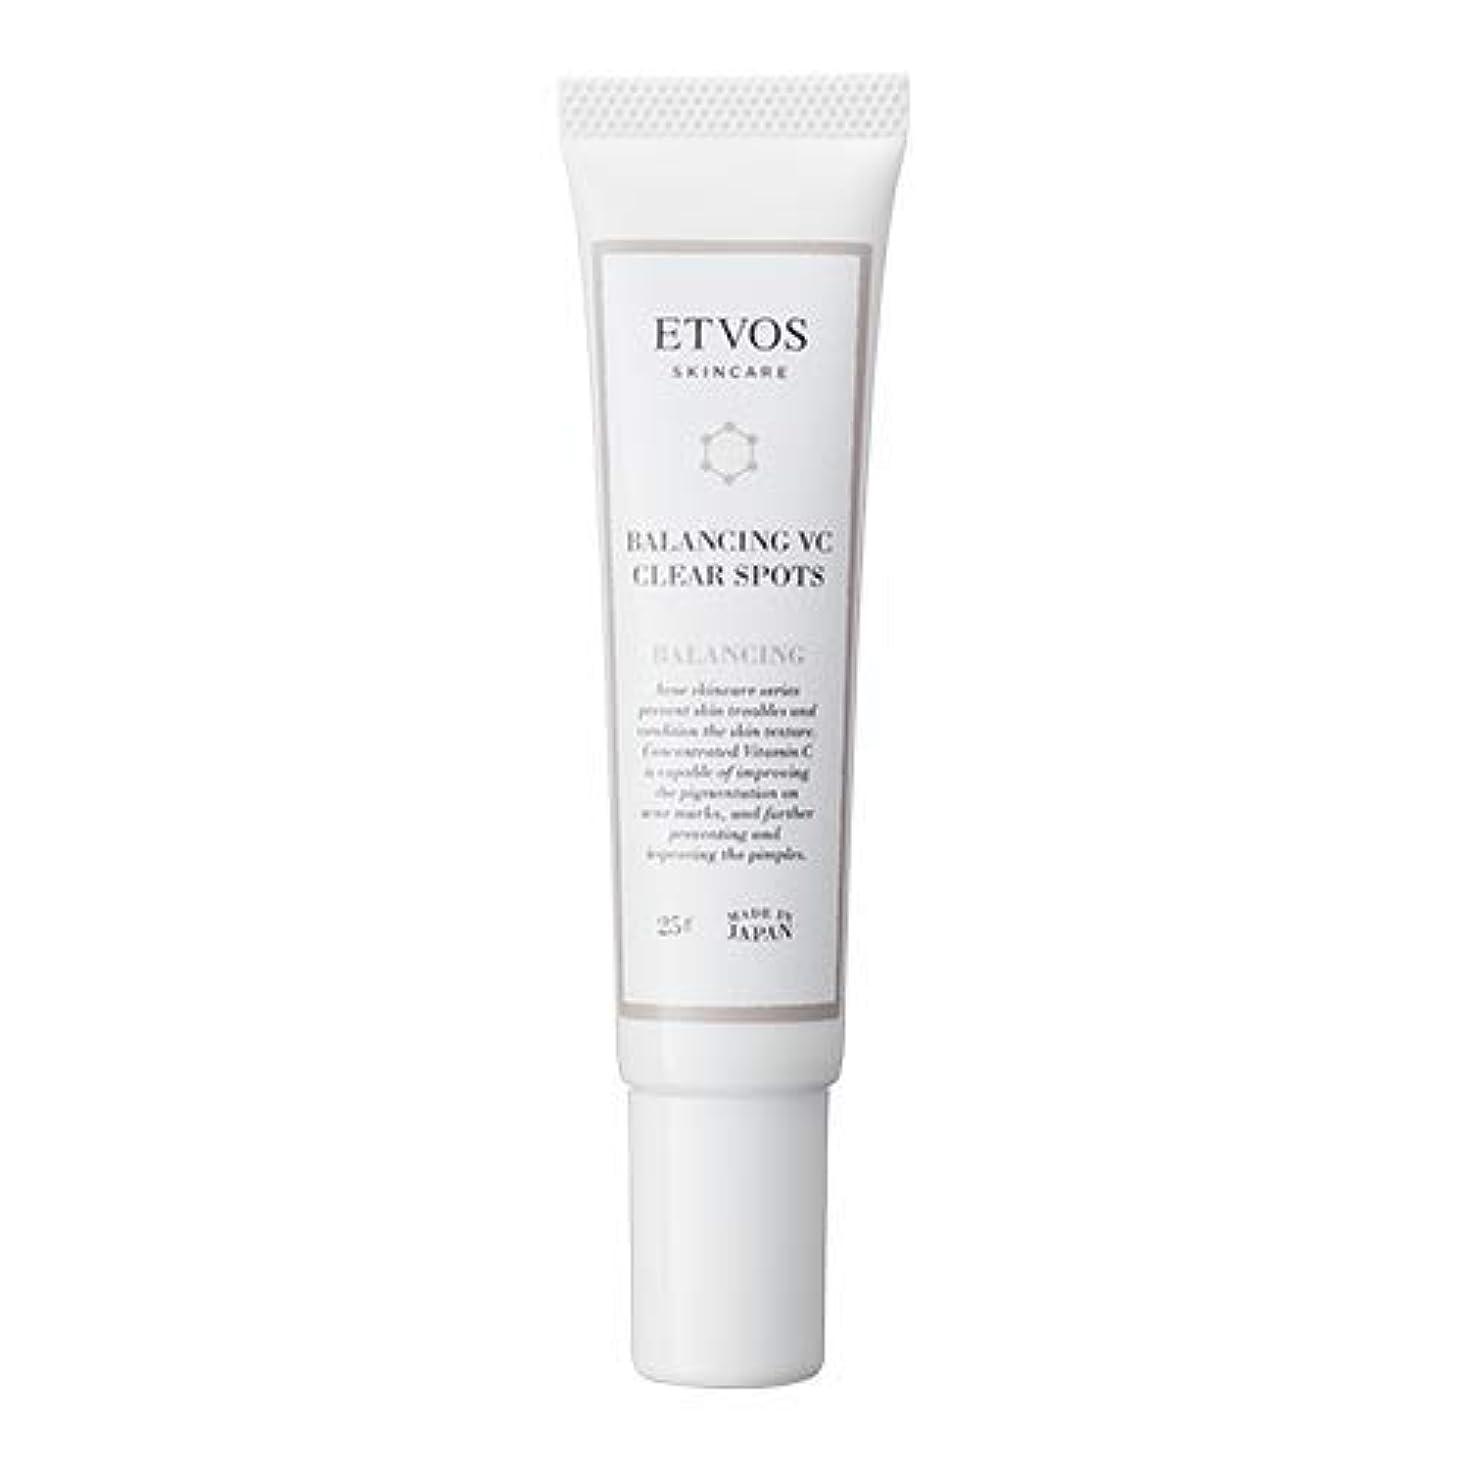 代名詞モーター抑圧ETVOS(エトヴォス) 肌荒れ防止美容液 バランシングVCクリアスポッツ 25g アゼライン酸 おでこ/あご/頭皮